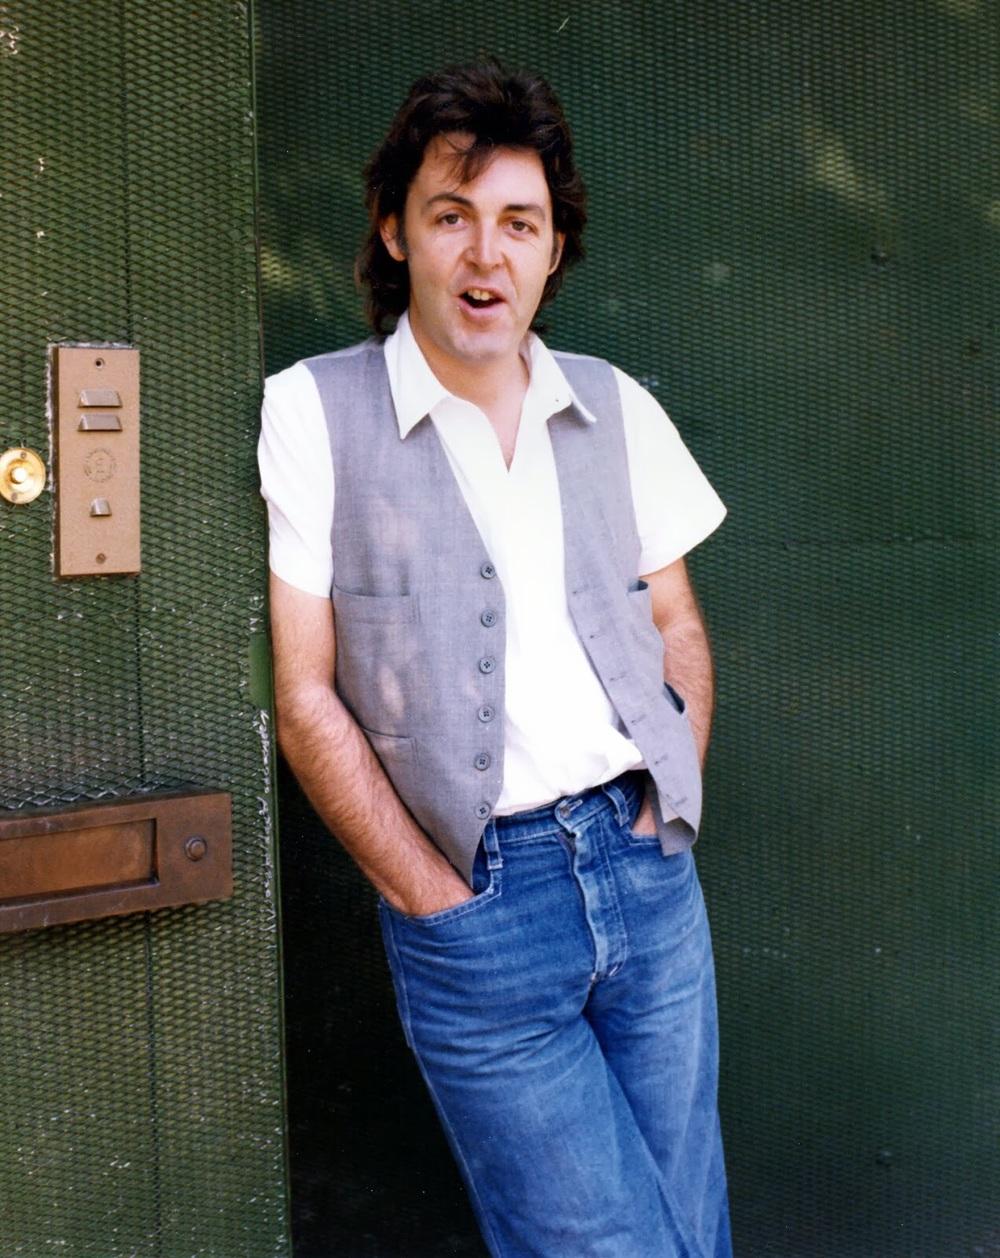 Paul McCartney 1977.